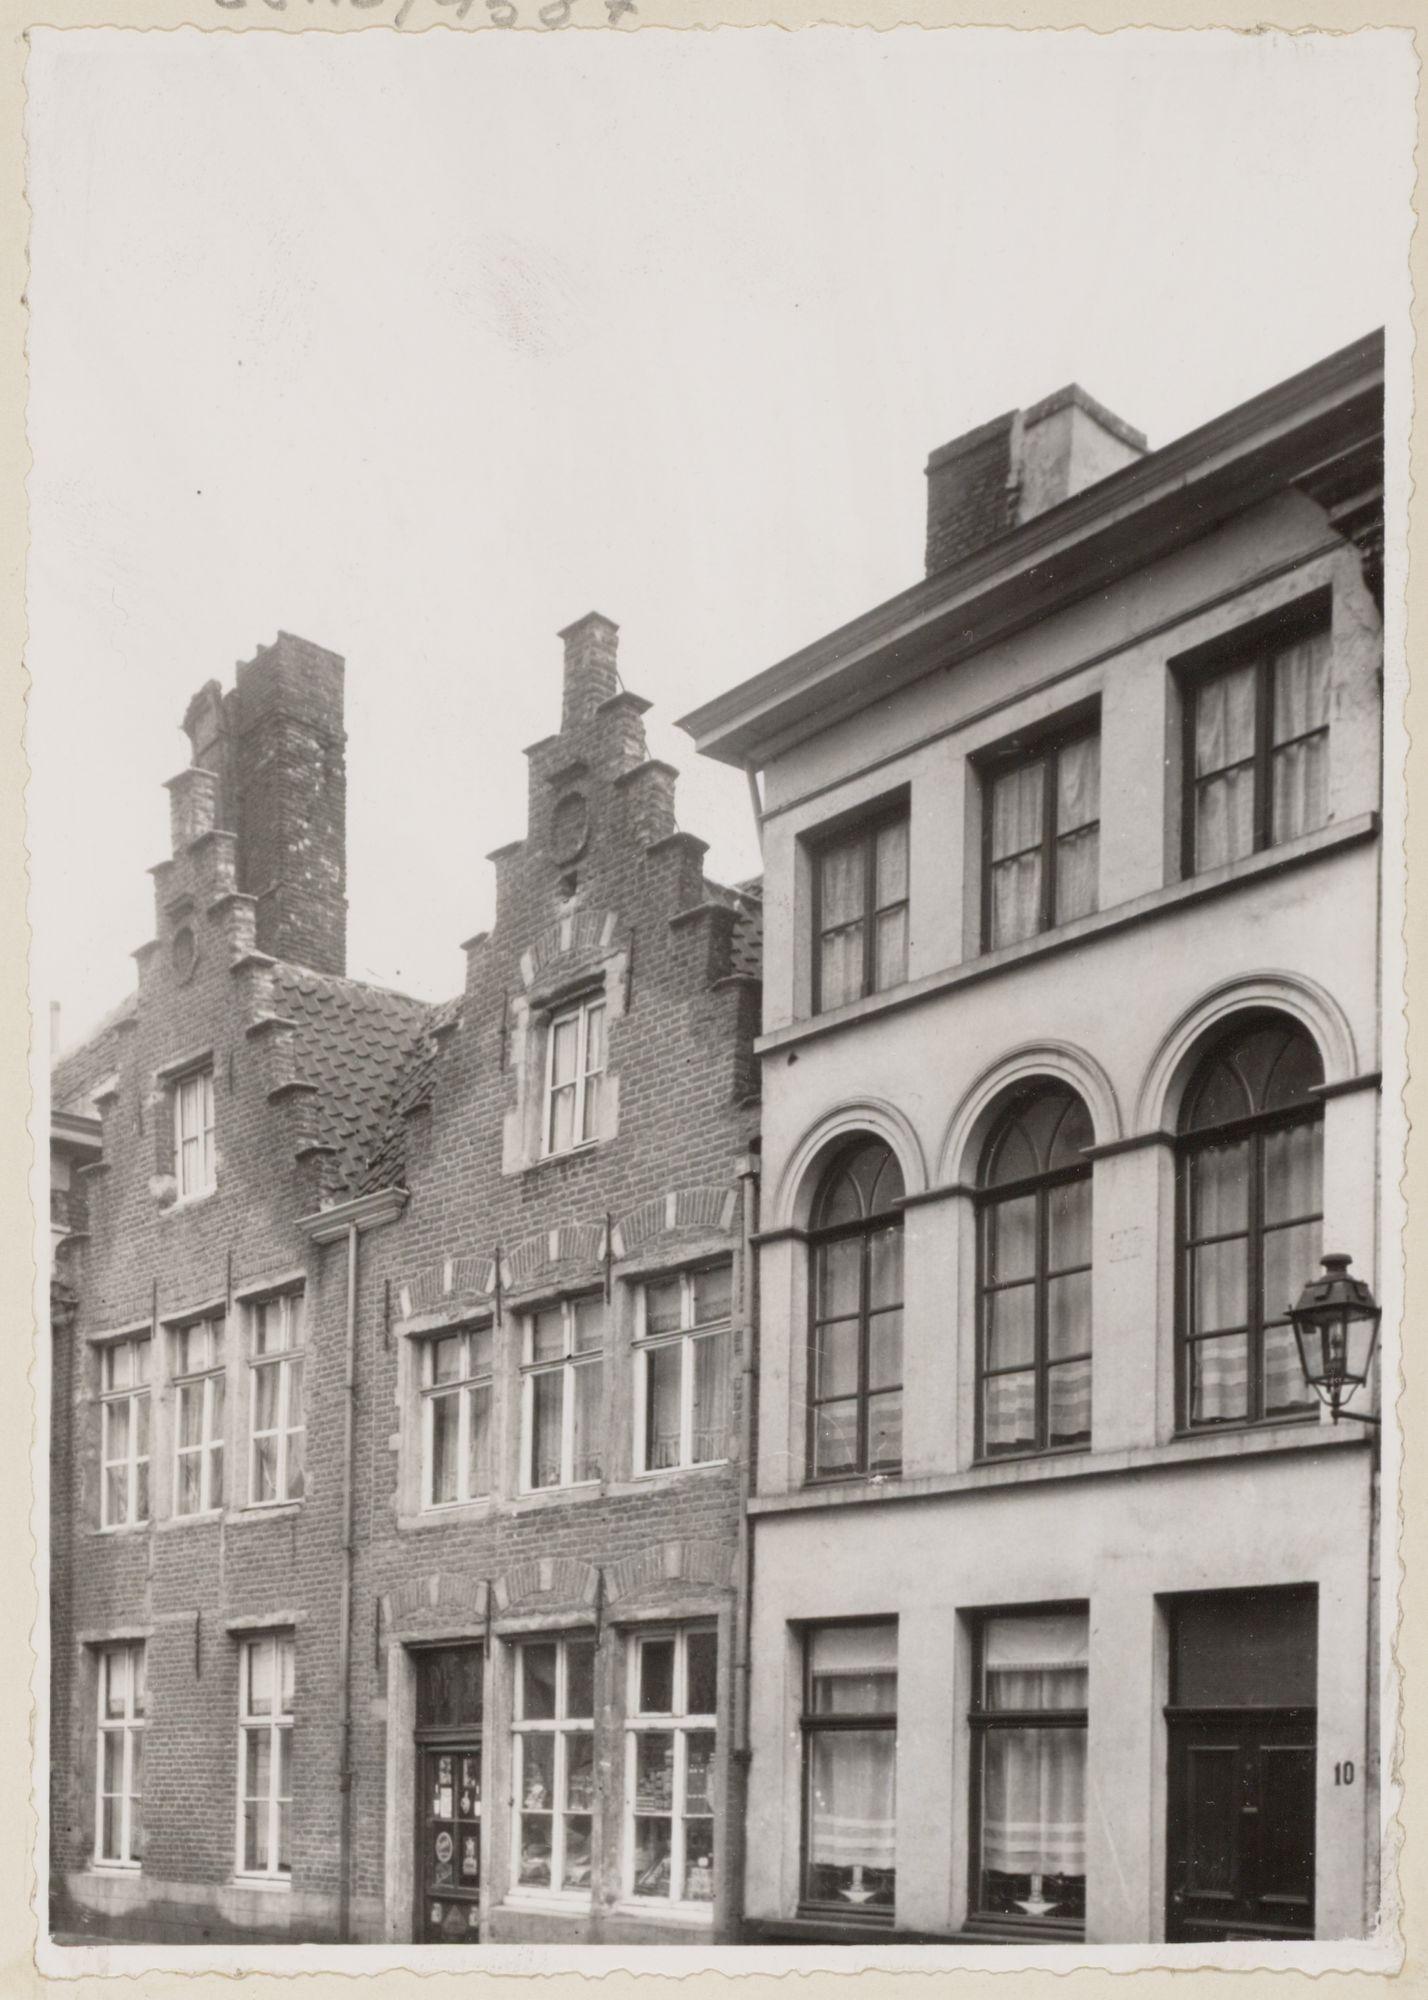 Gent: Trapgevelhuis, Goudstraat